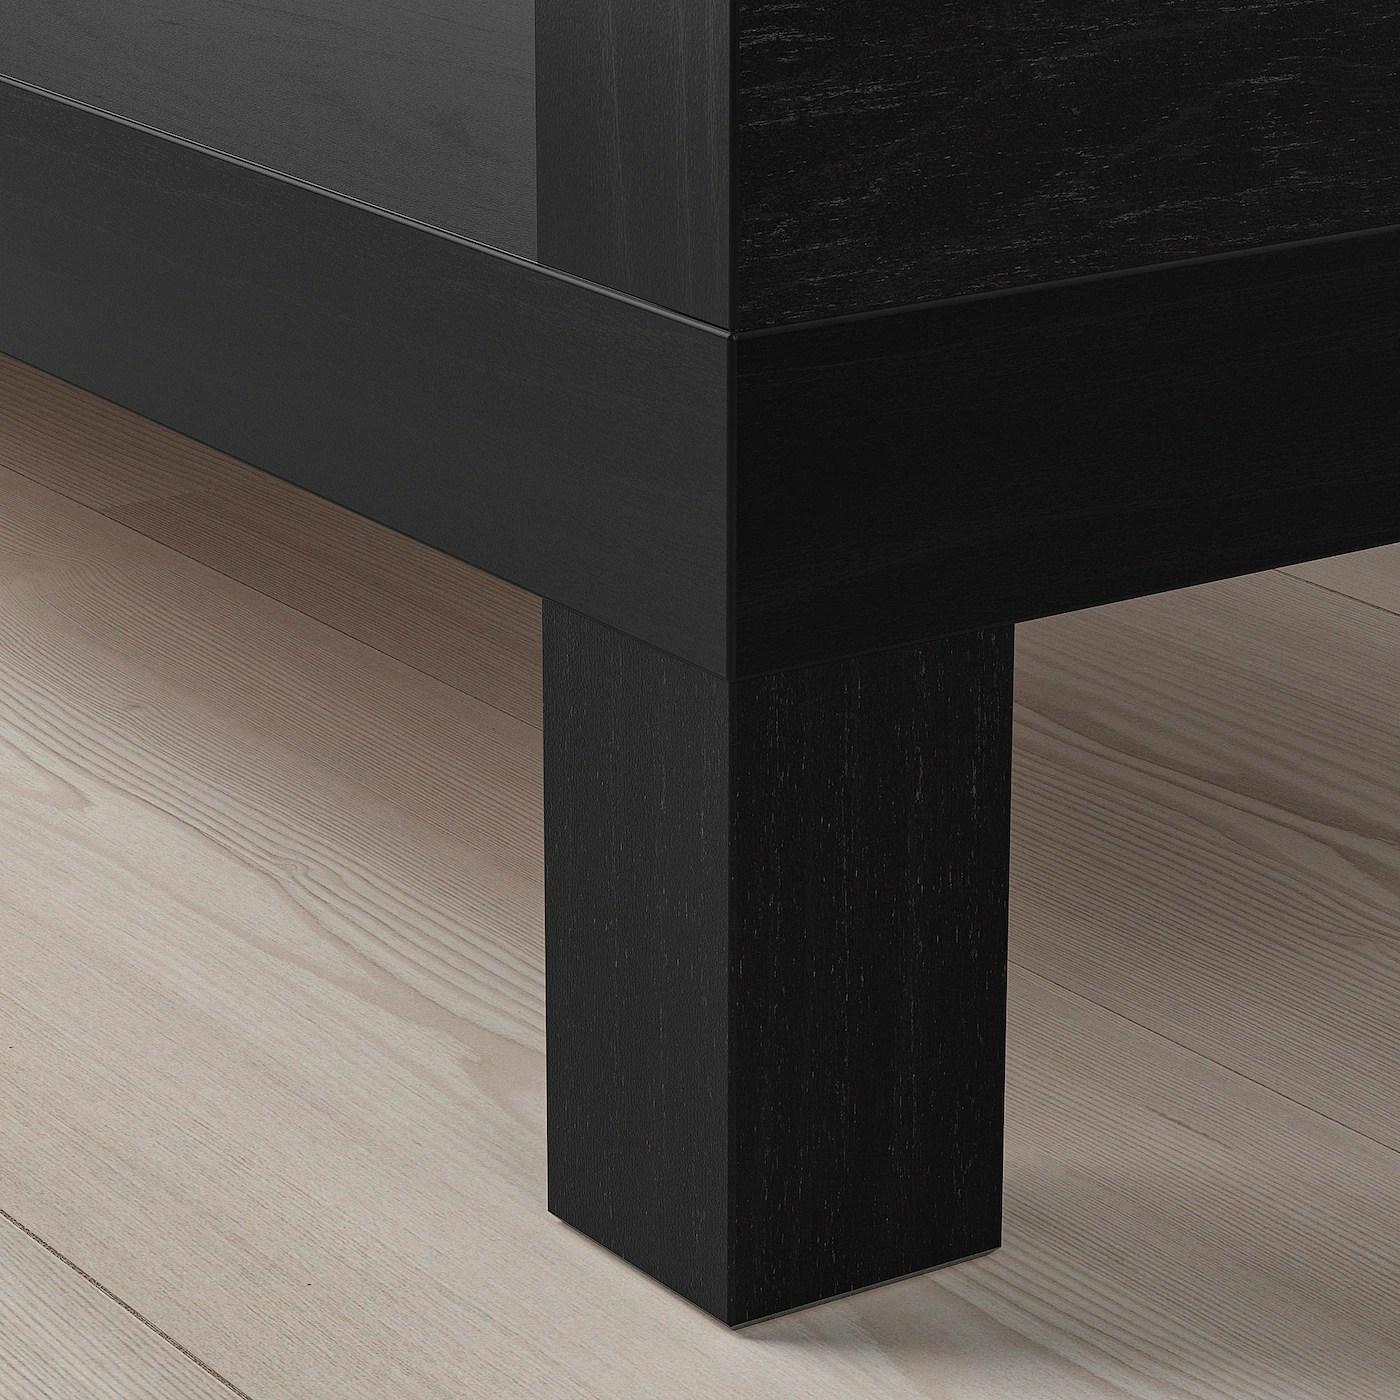 Lack Banc Tv Brun Noir 120x35x36 Cm Ikea